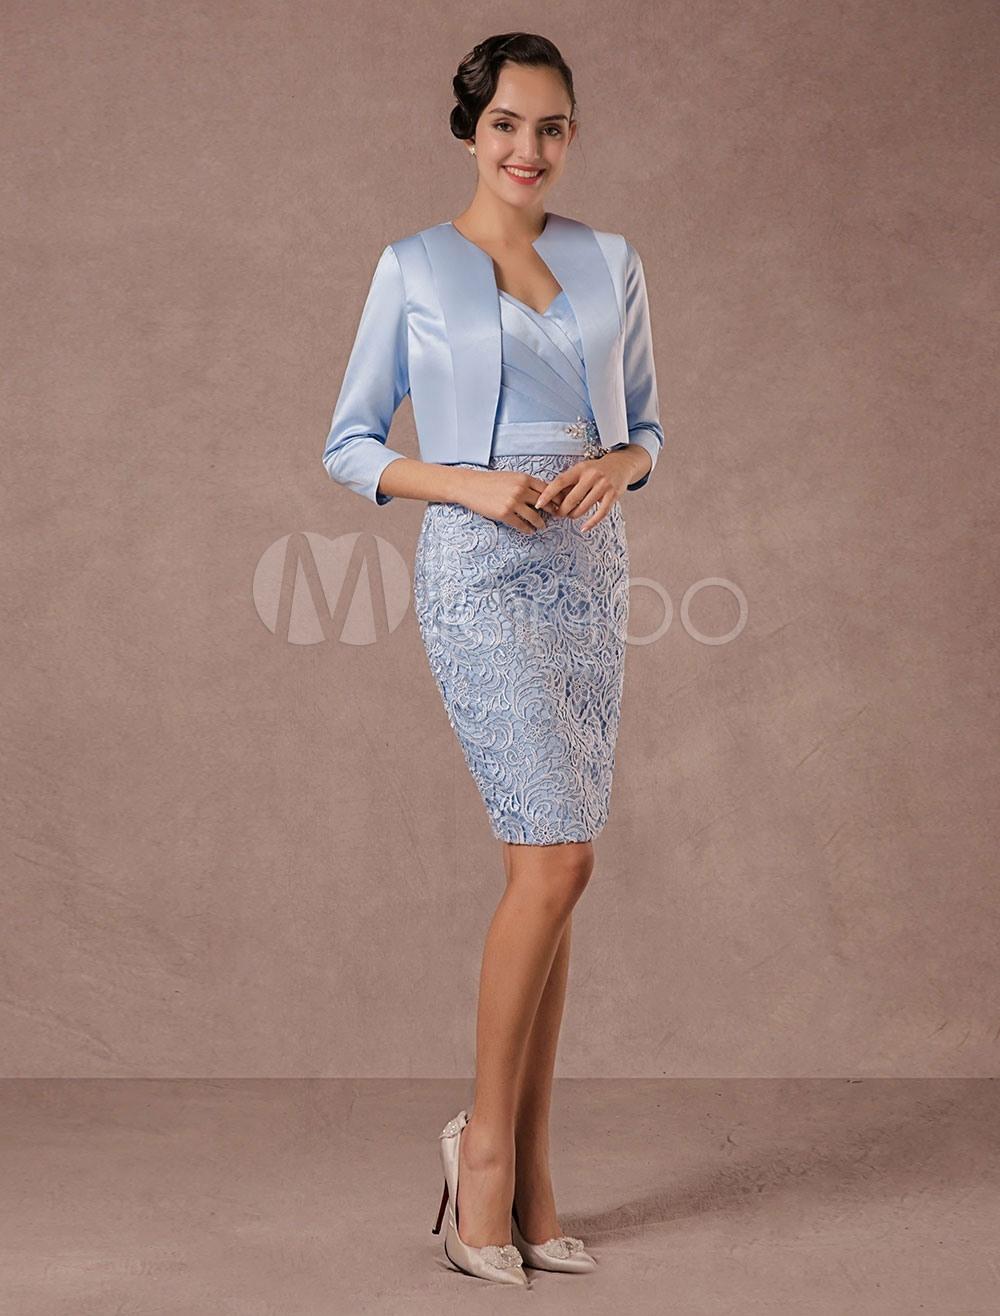 Formal Cool Elegante Kleider Größe 48 Vertrieb20 Erstaunlich Elegante Kleider Größe 48 Galerie